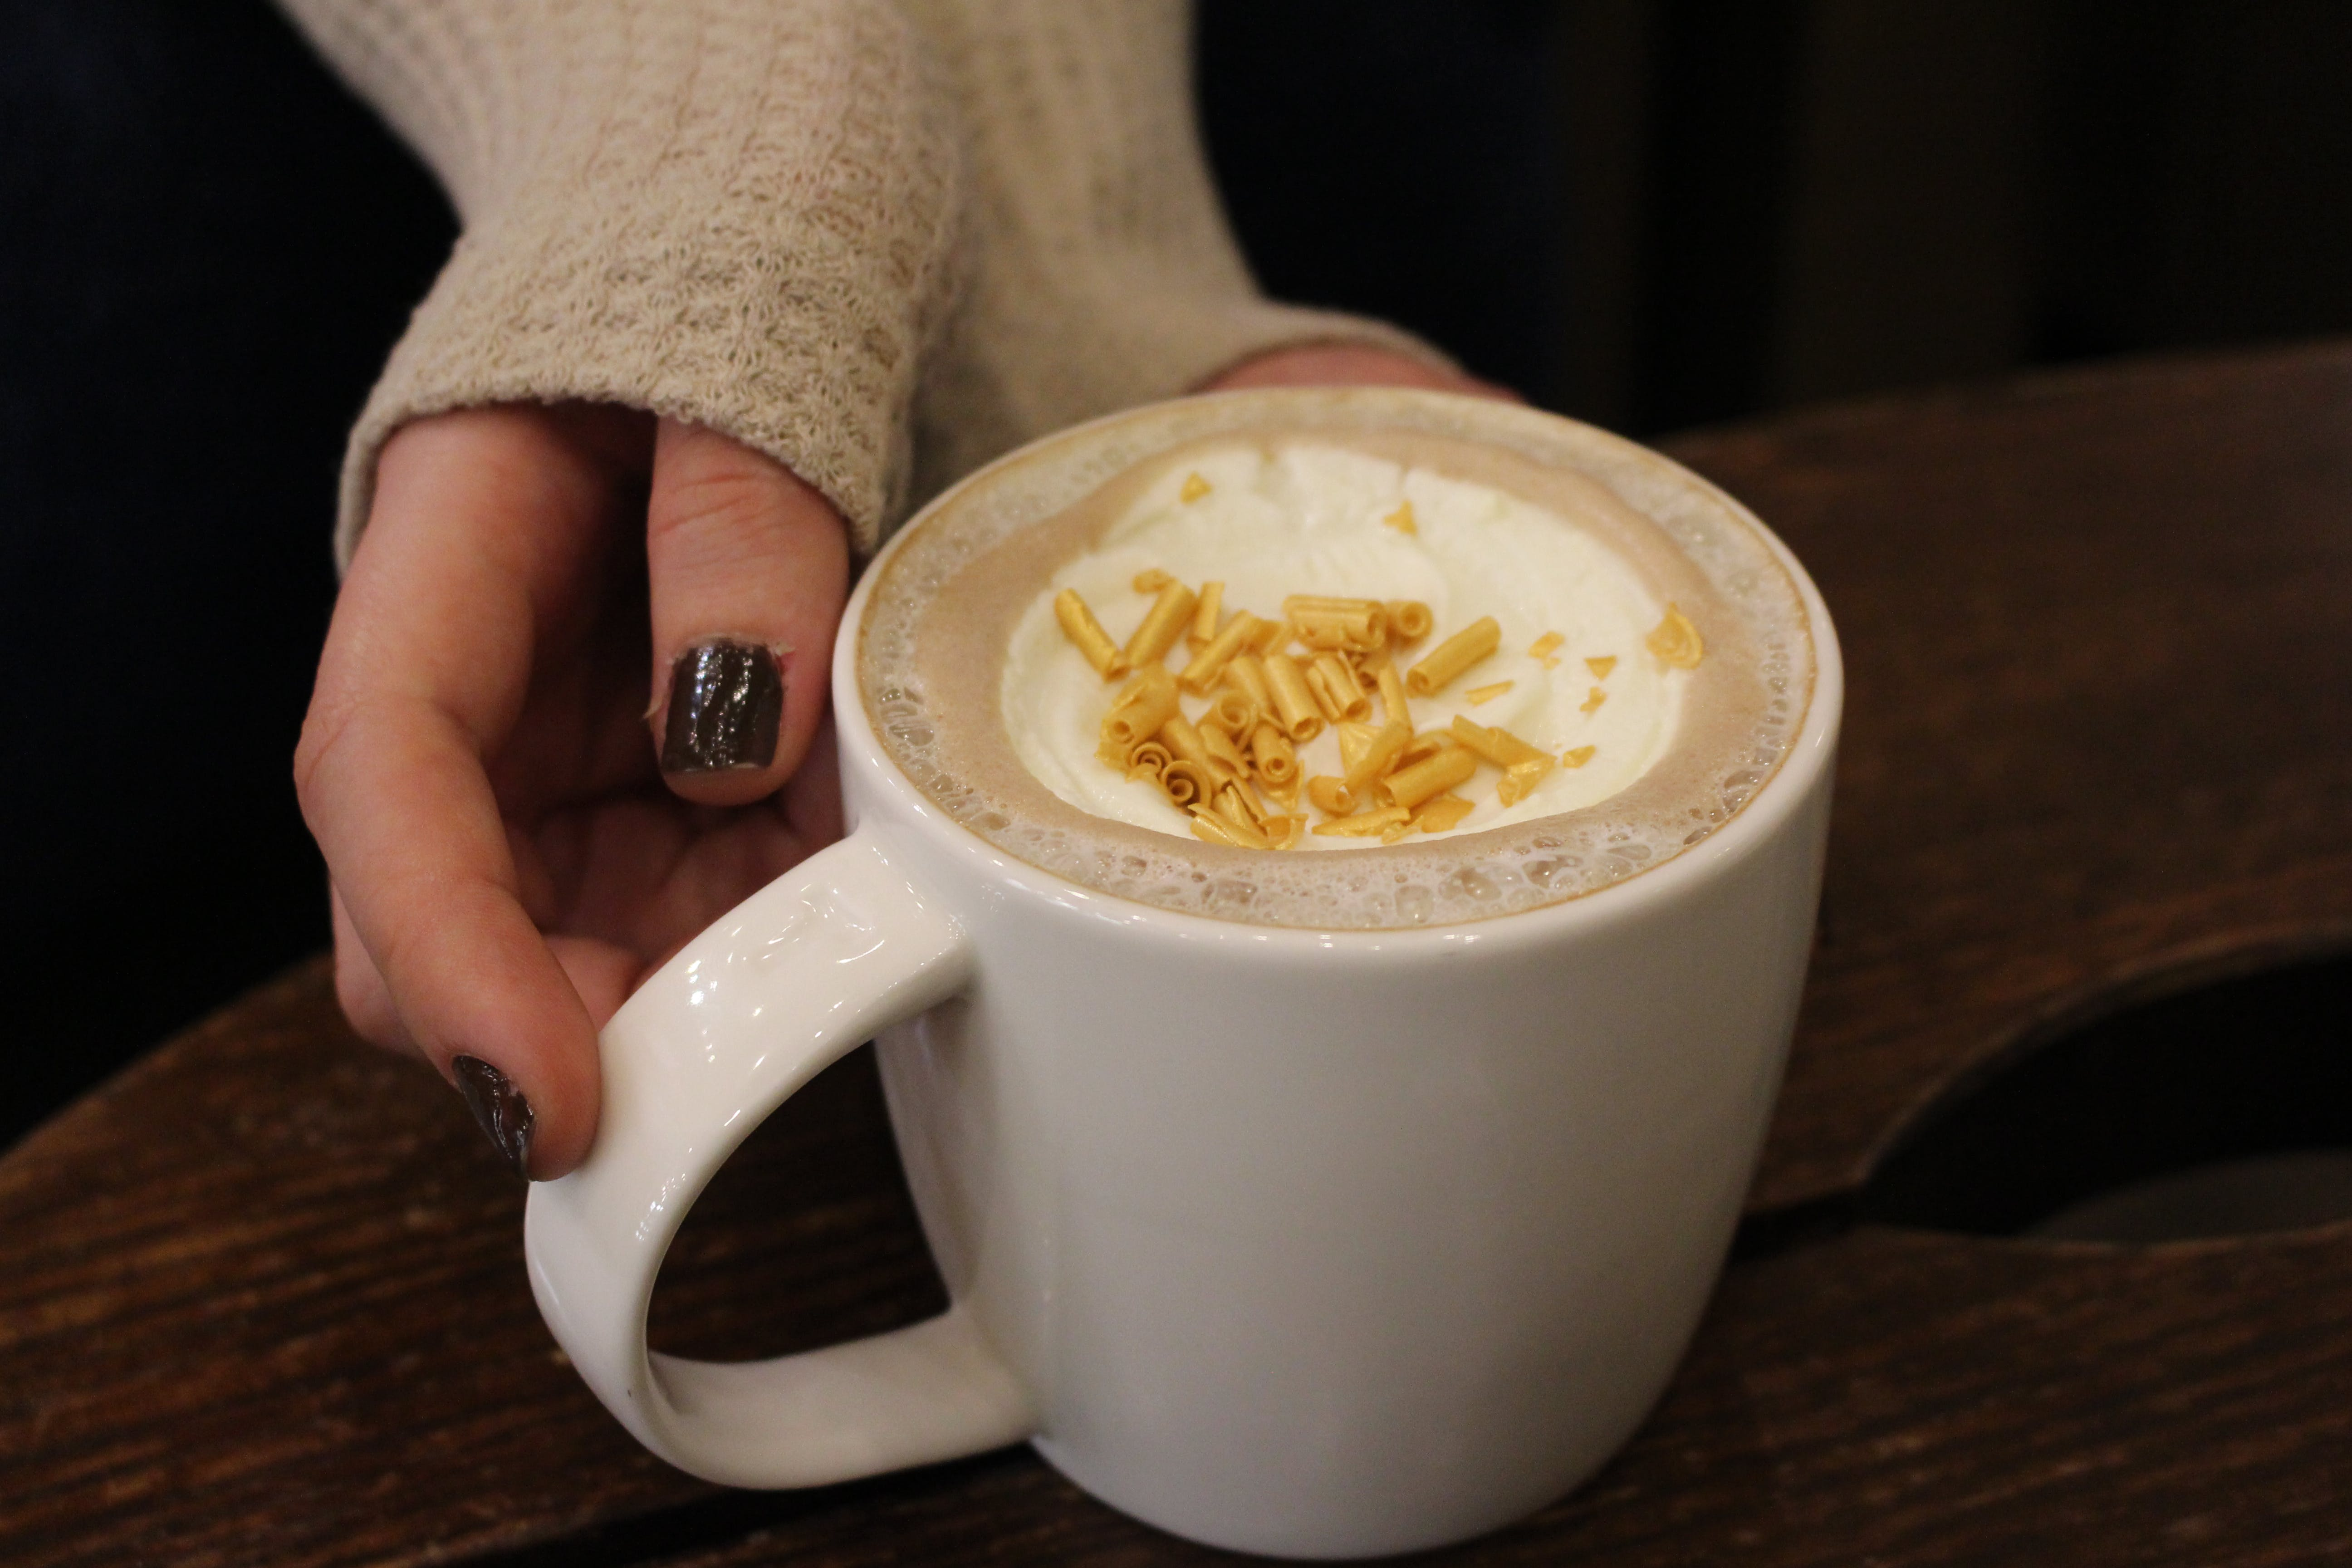 Fotos de stock gratuitas de acogedor, bombón, café, dorado